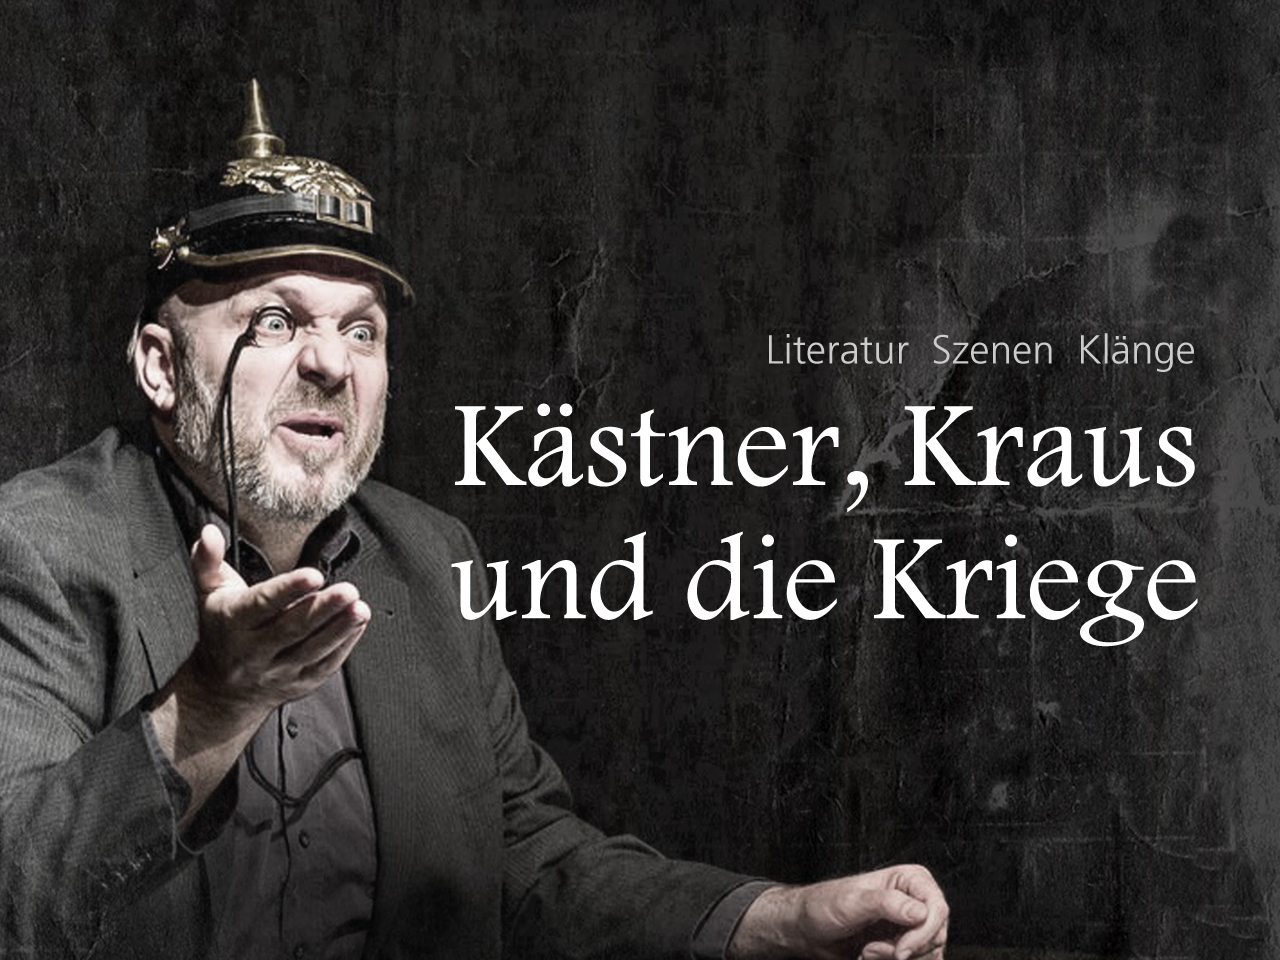 Kästner, Kraus und die Kriege - Szenische Lesung im PEM Theater an den Elbbrücken